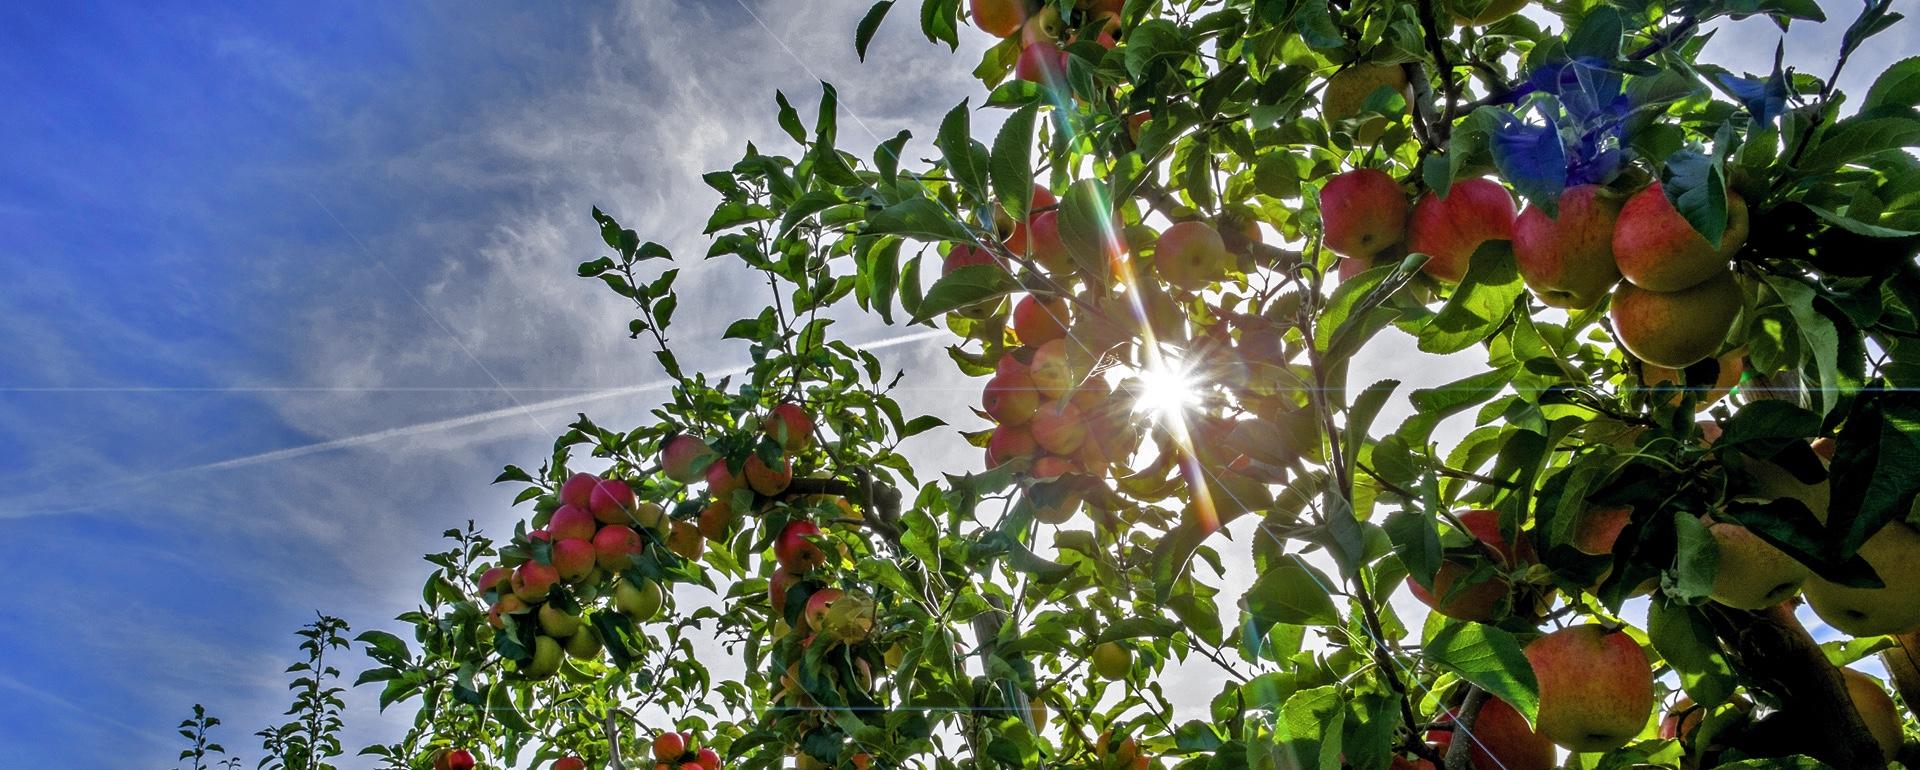 Wir lieben Äpfel!